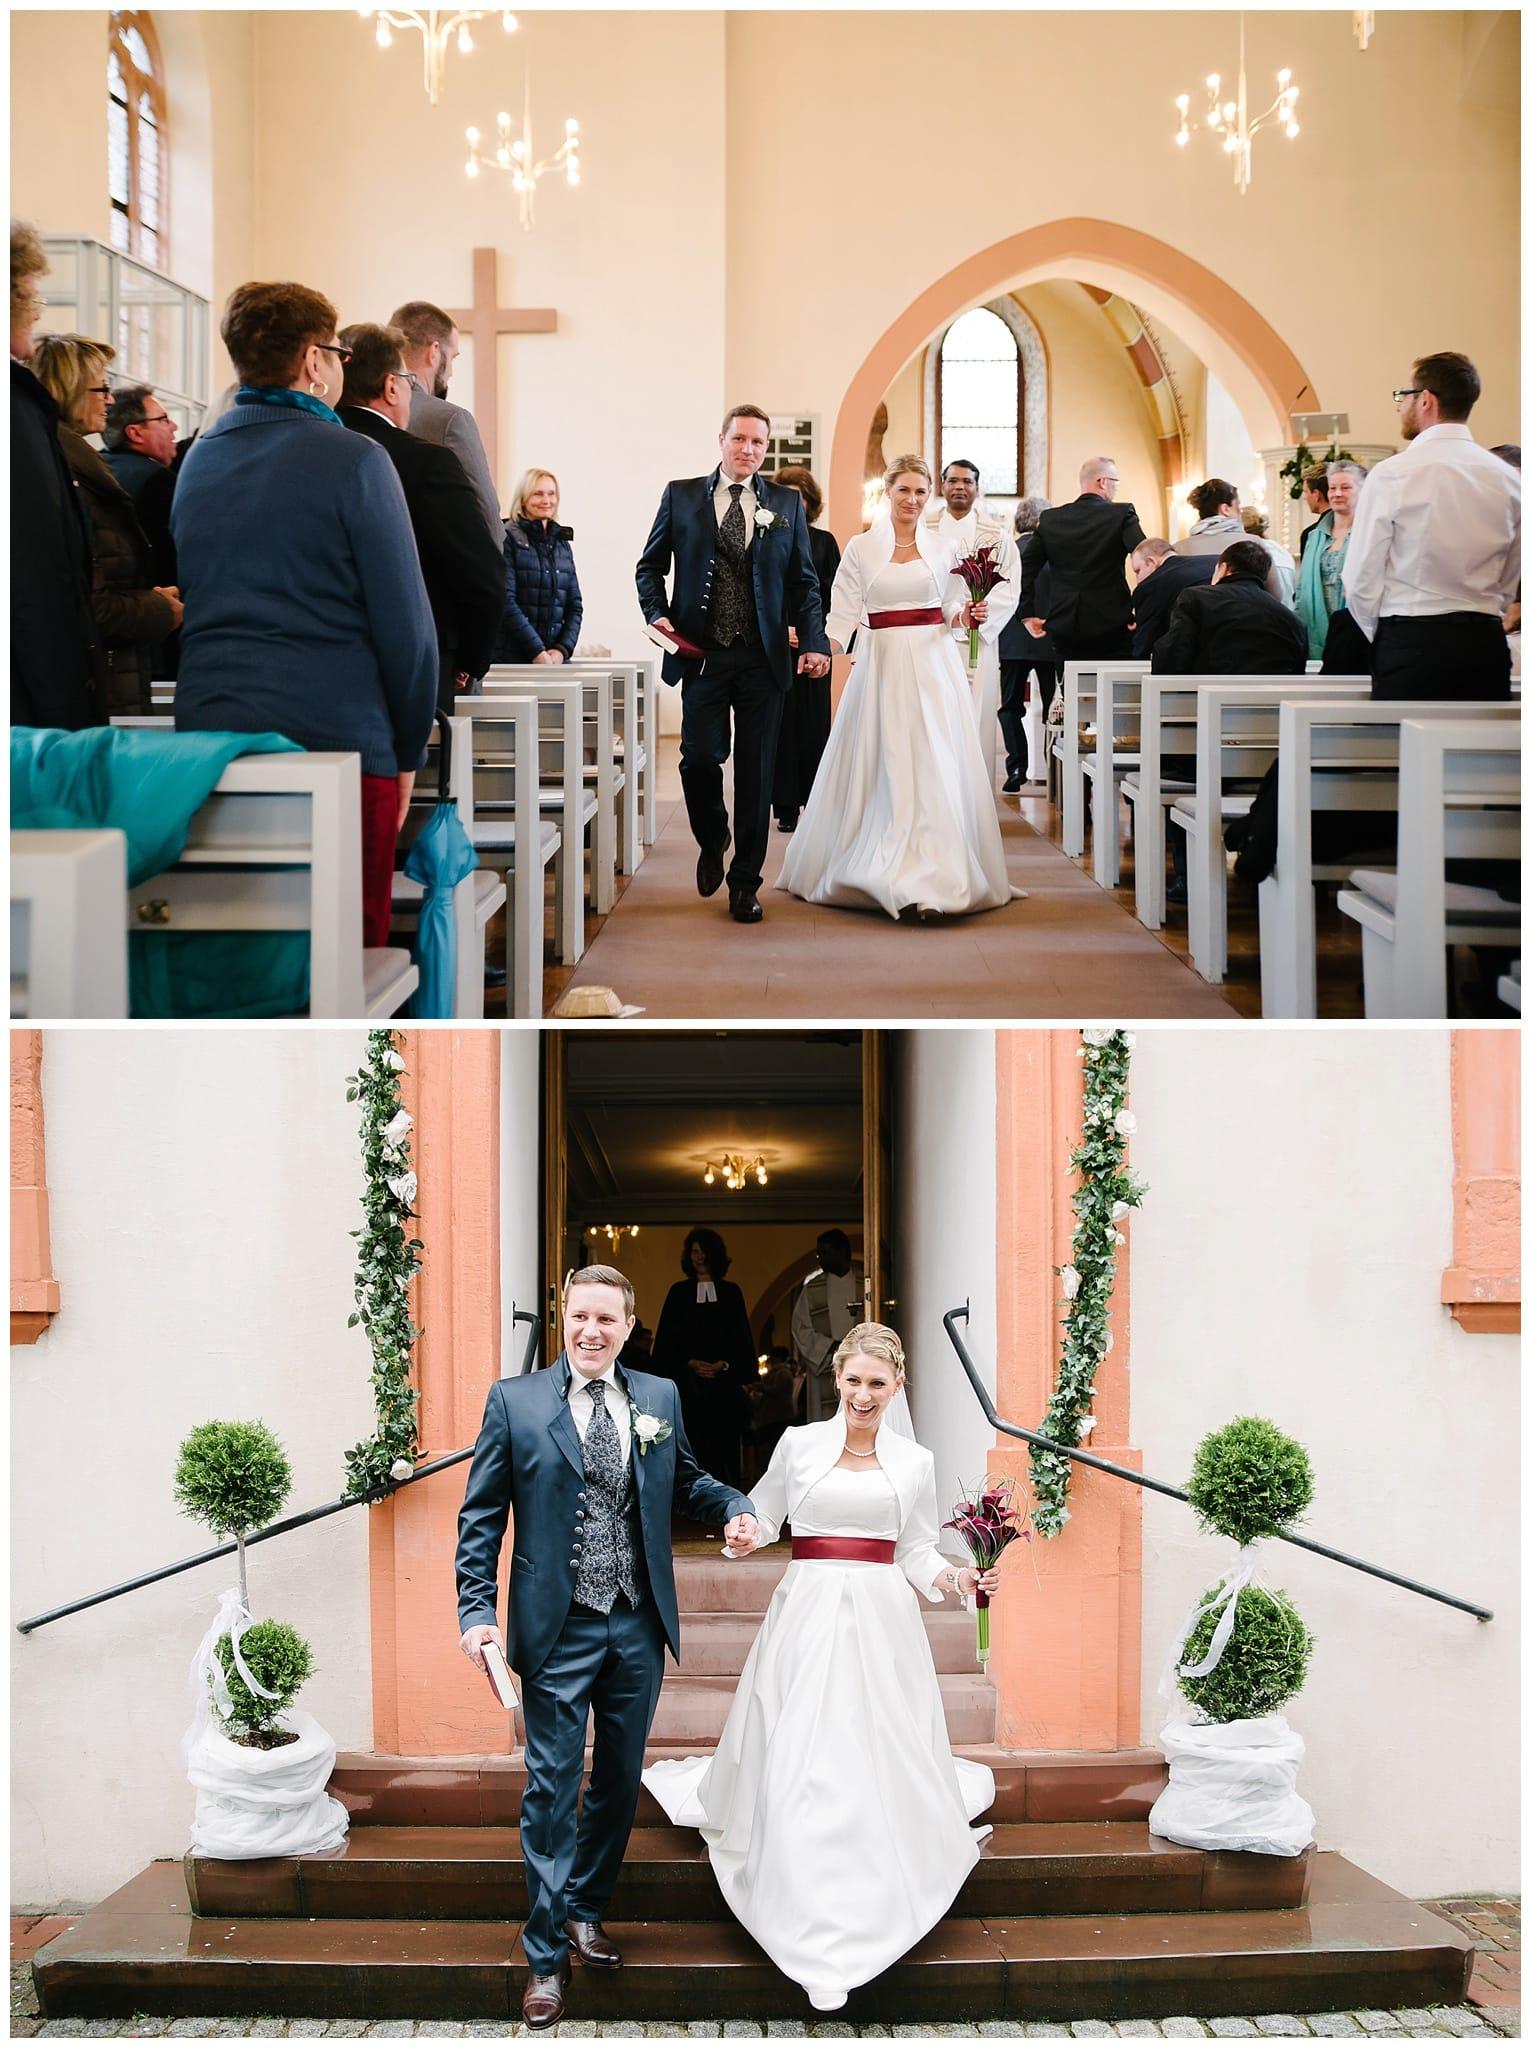 MaMa Wedding Sonja und Jens Hochzeitsfotografie Heidelberg5